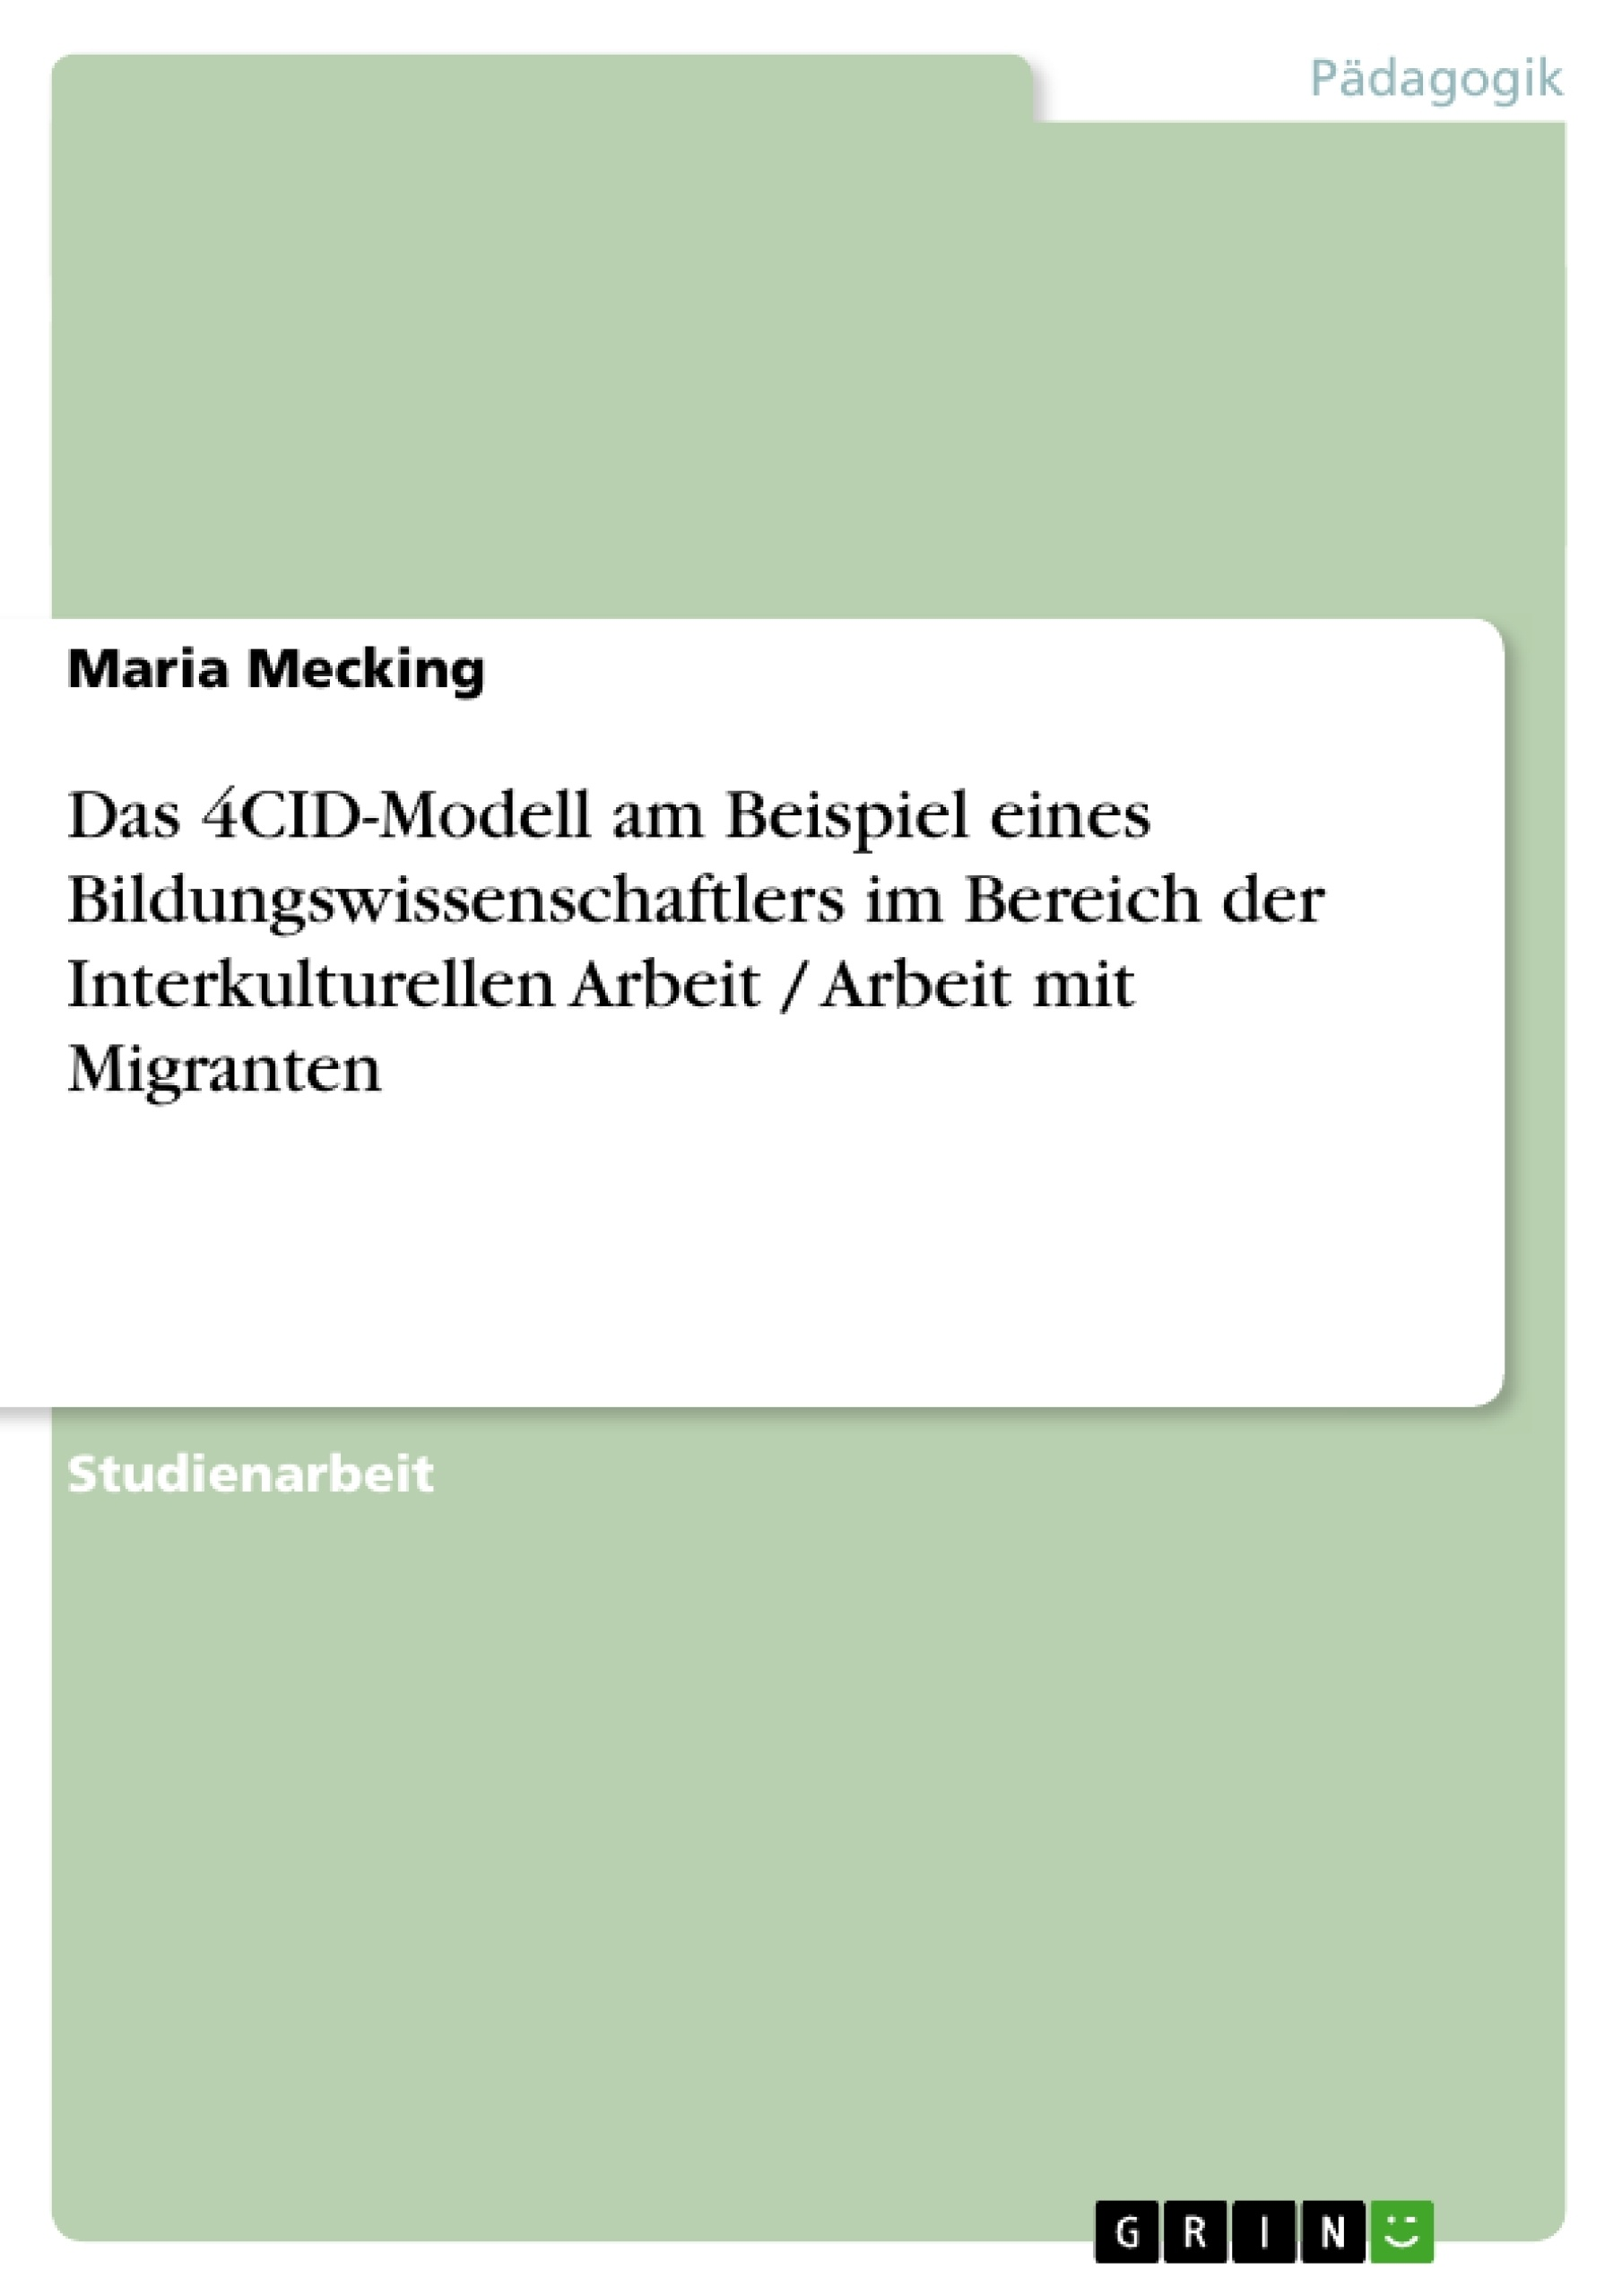 Titel: Das 4CID-Modell am Beispiel eines Bildungswissenschaftlers im Bereich der Interkulturellen Arbeit / Arbeit mit Migranten